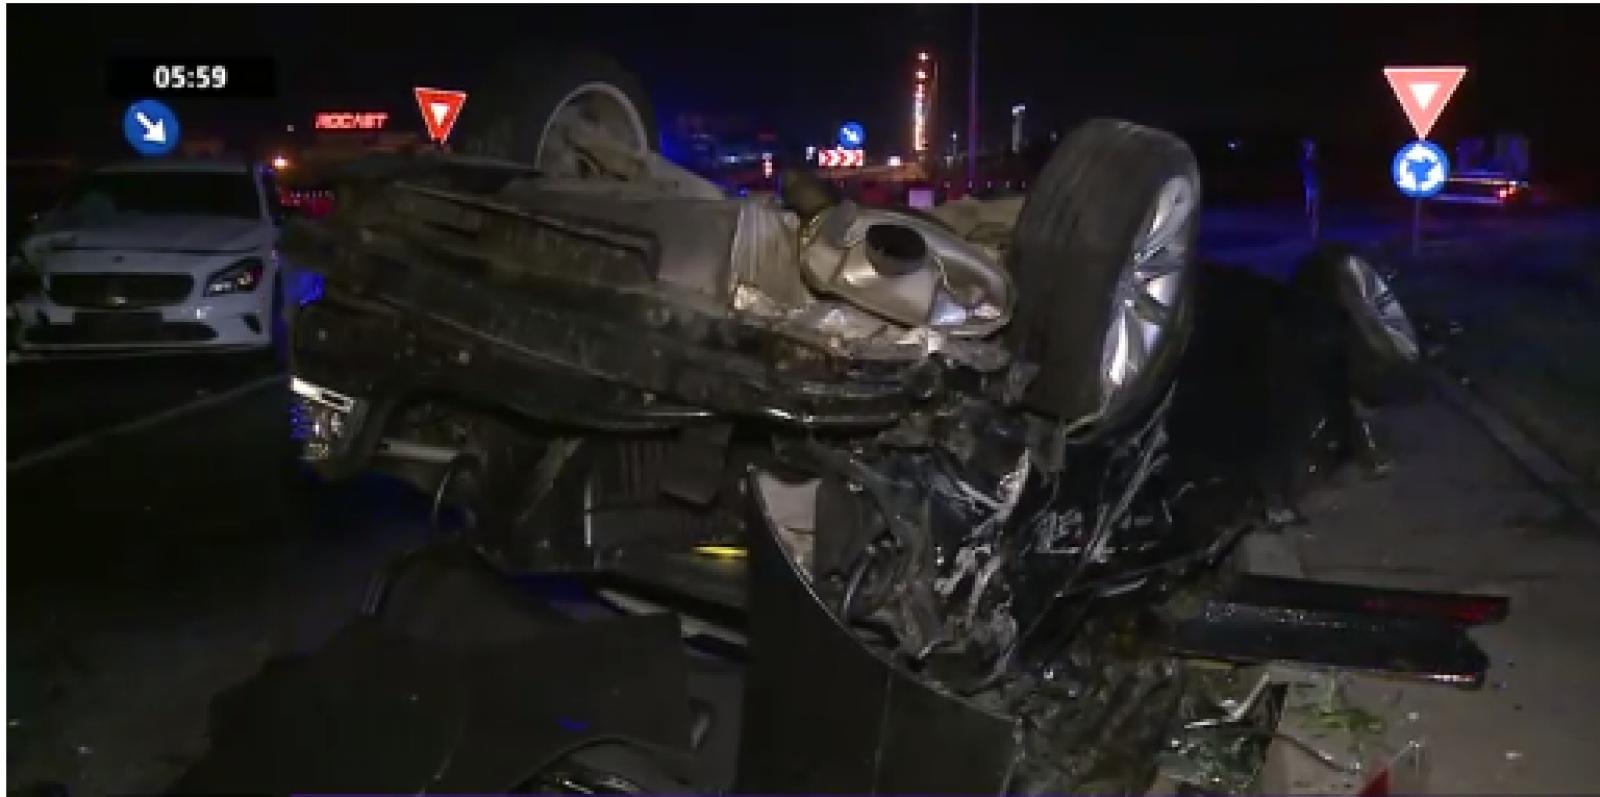 (foto) Șoferul unei mașini înmatriculate în Republica Moldova, căutat de autoritățile române: A provocat un accident grav la București și a fugit de la fața locului